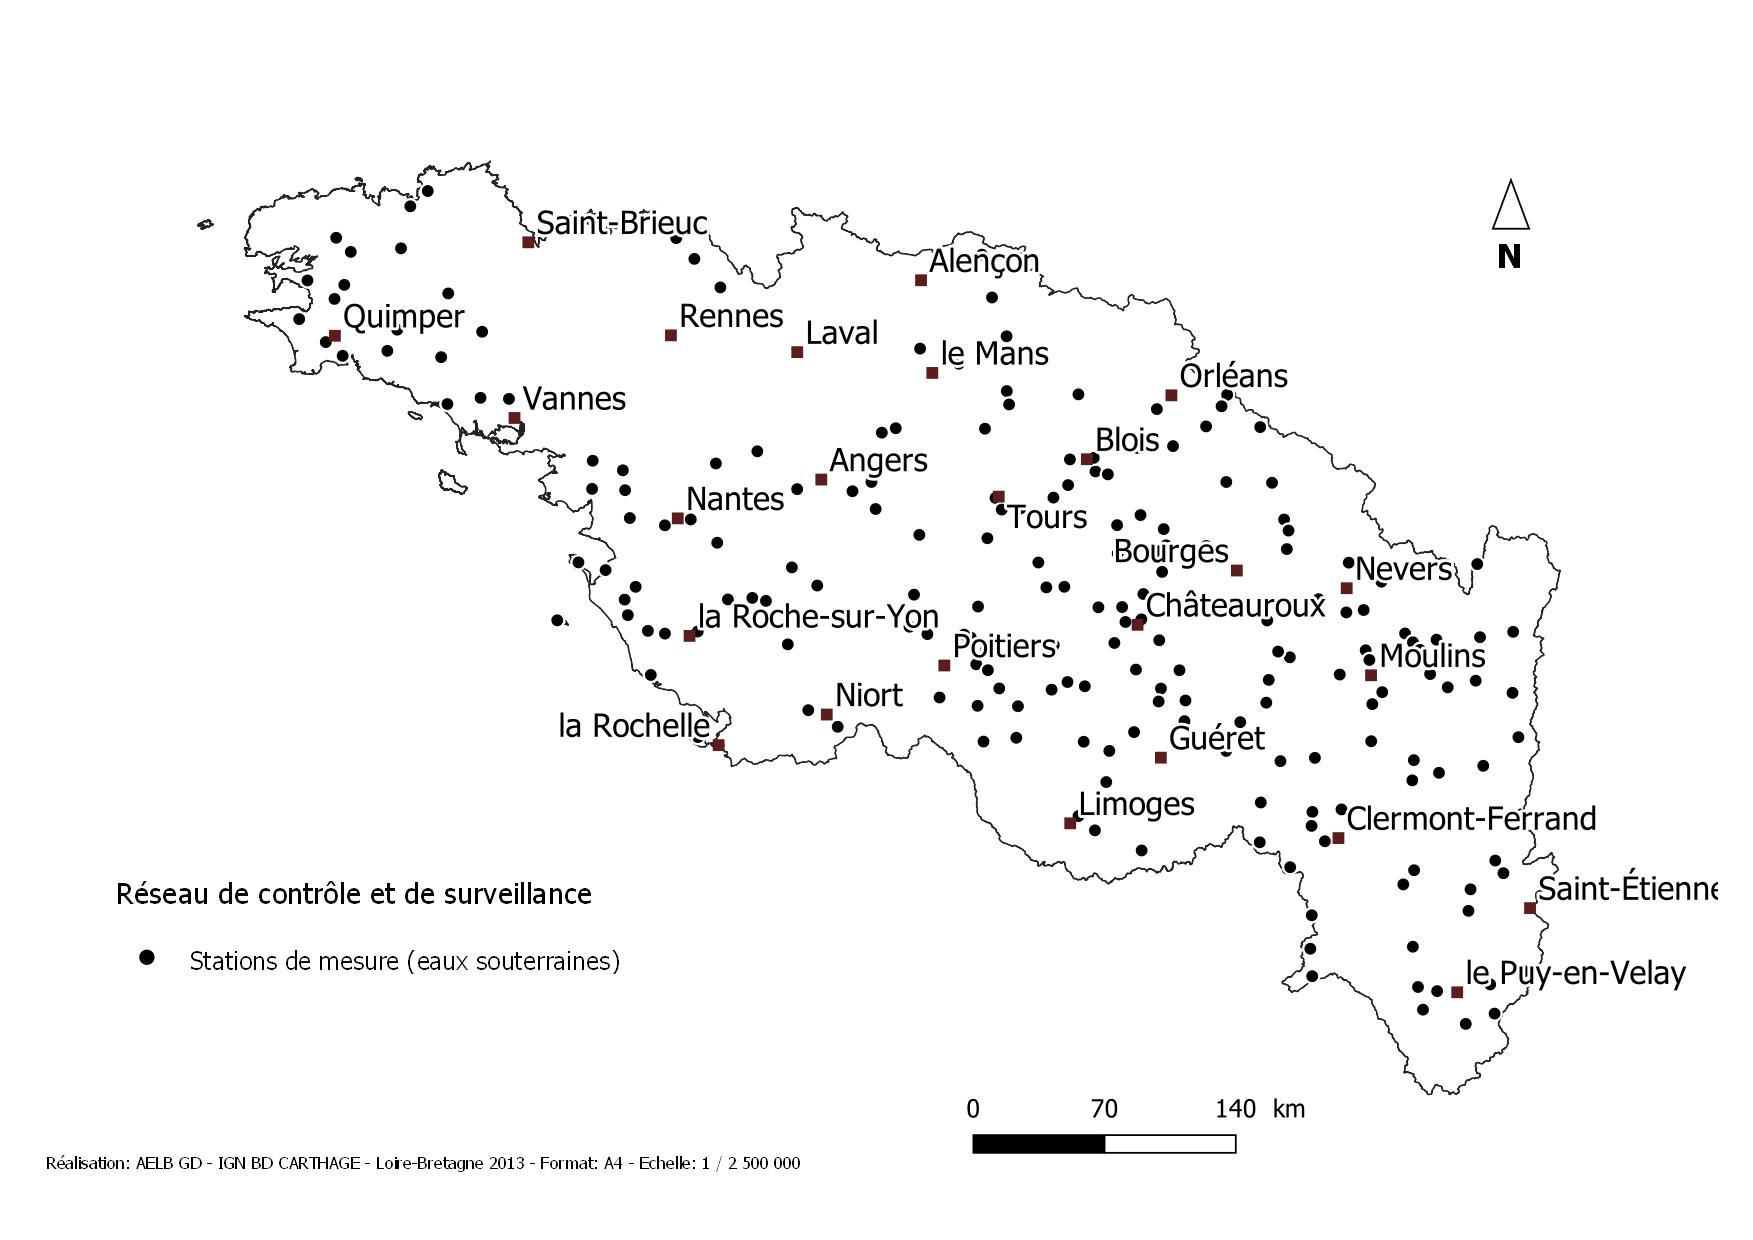 Image de la carte des stations de mesures pour le réseau de contrôle et de surveillance pour les eaux souterraines